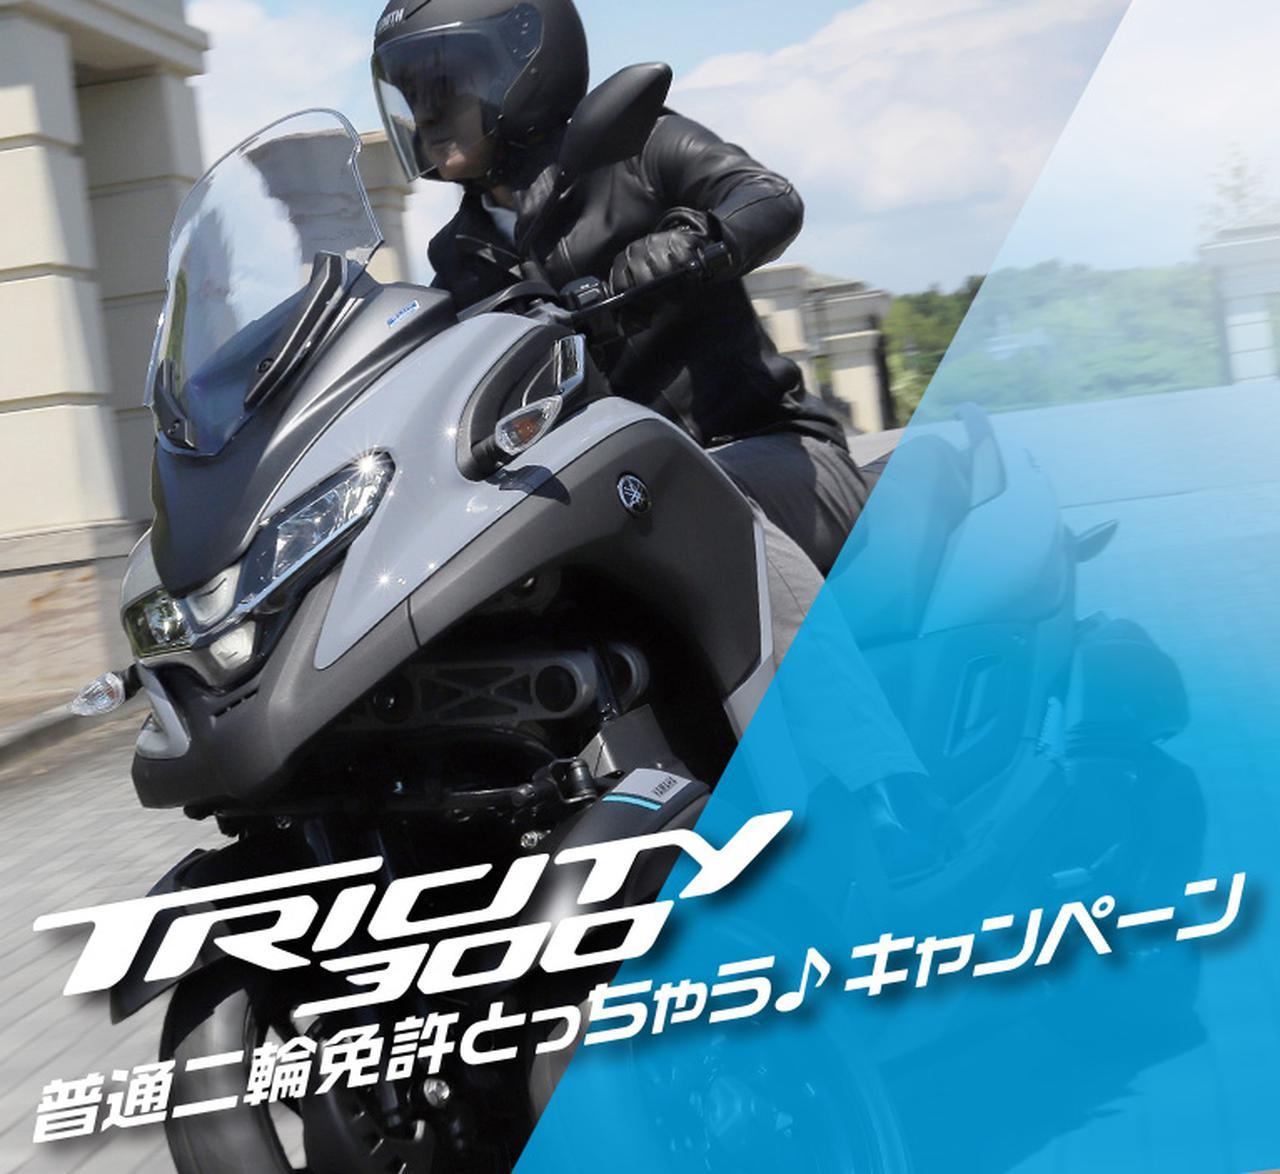 画像: TRICITY300普通二輪免許とっちゃう♪キャンペーン - バイク スクーター | ヤマハ発動機株式会社